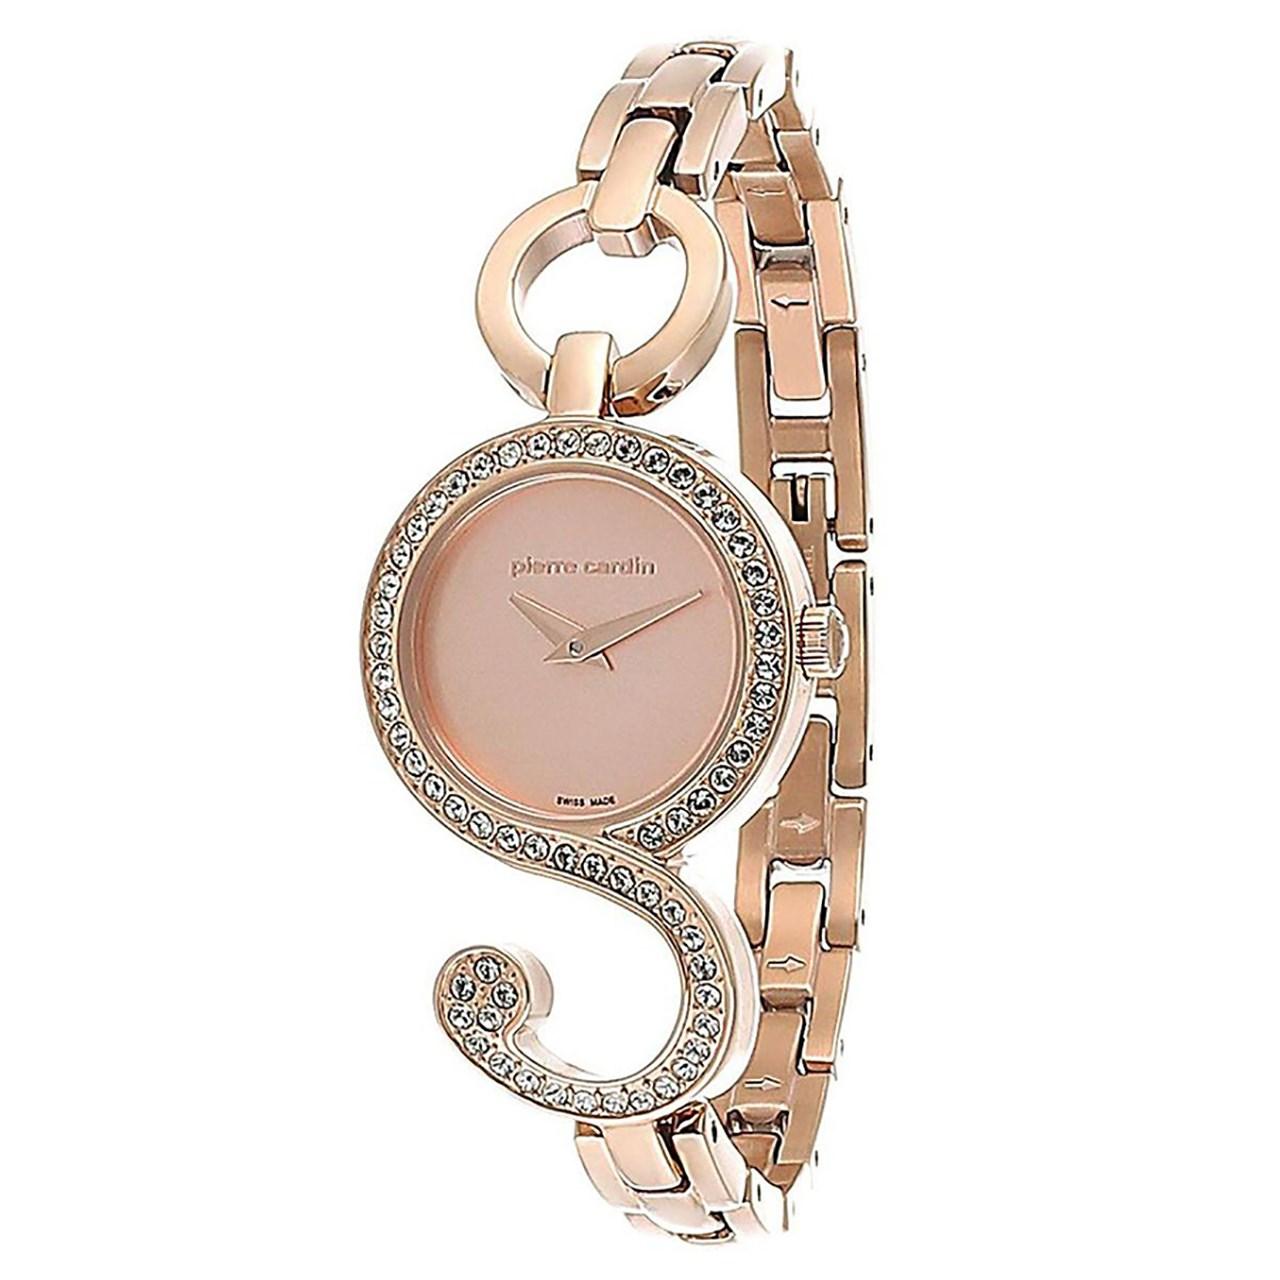 ساعت زنانه برند پیر کاردین مدل PC107052S05